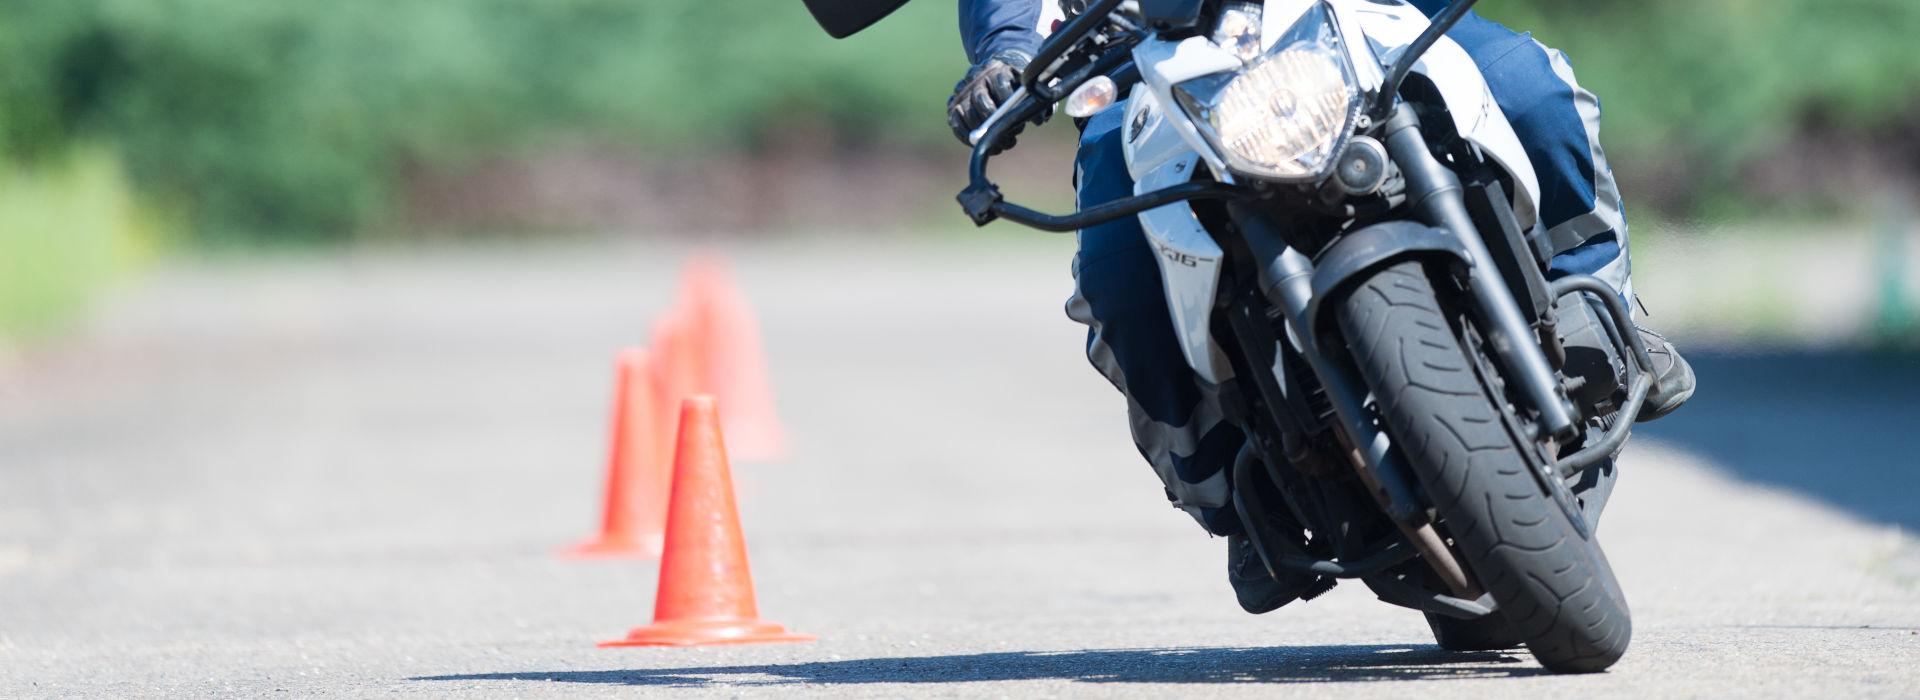 Motorrijbewijspoint Apeldoorn motor rijvaardigheid